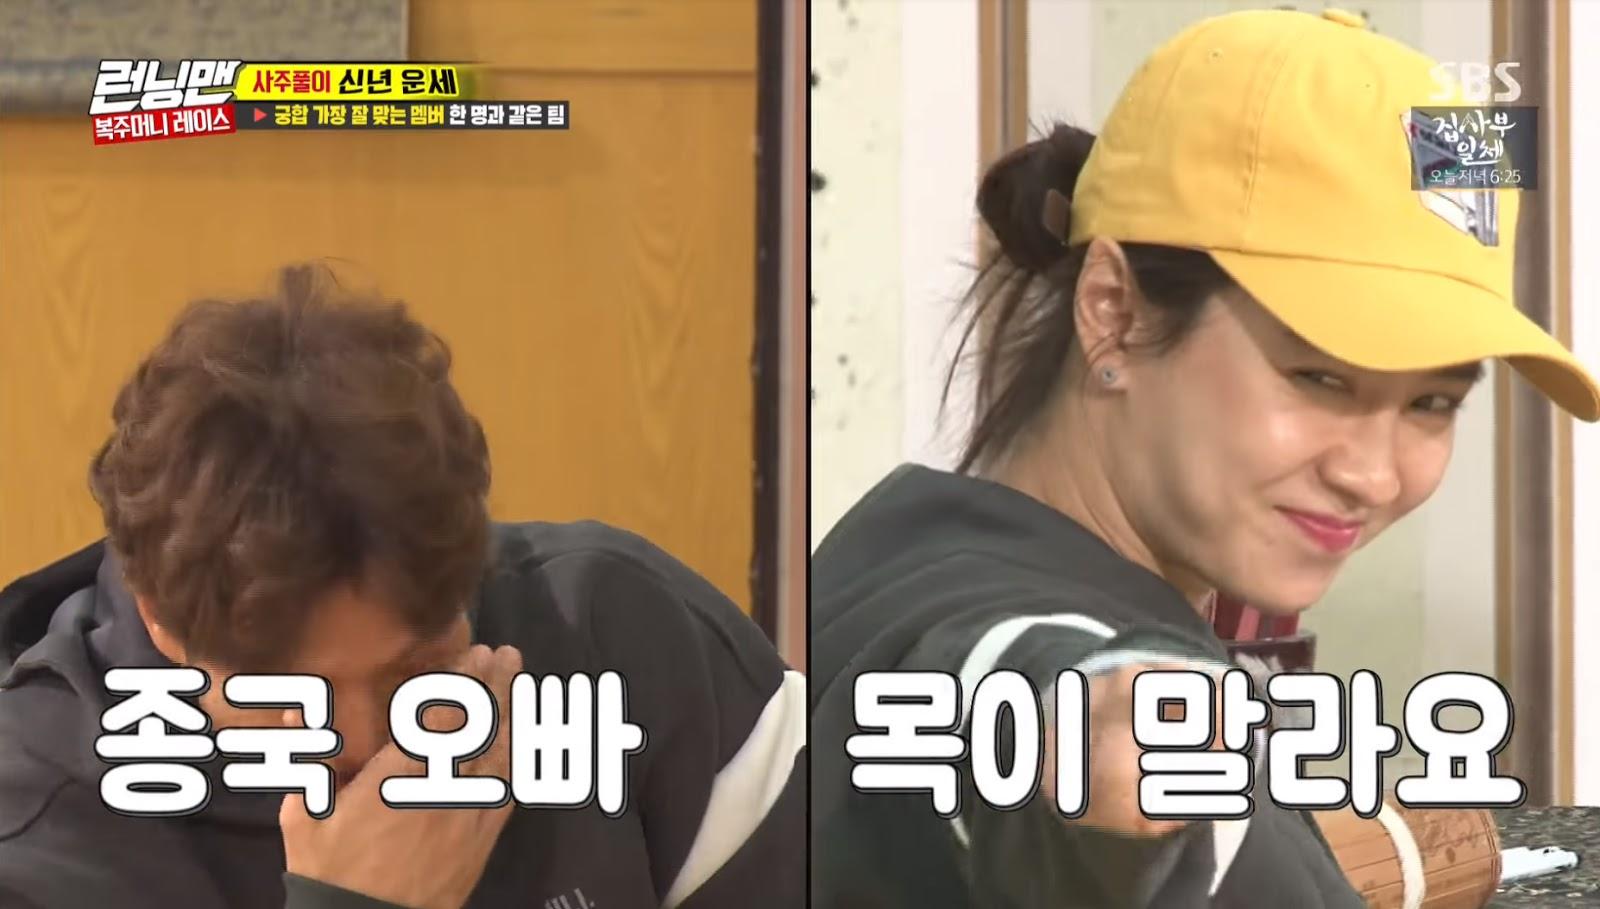 Kim jong kook and song ji hyo dating rumor